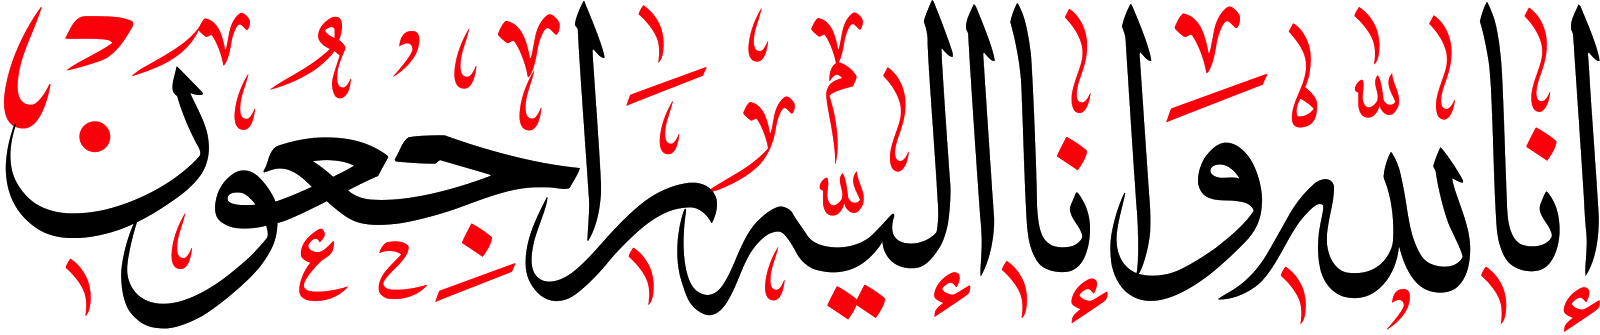 2016 القلم الحر جريدة إلكترونية وطنية